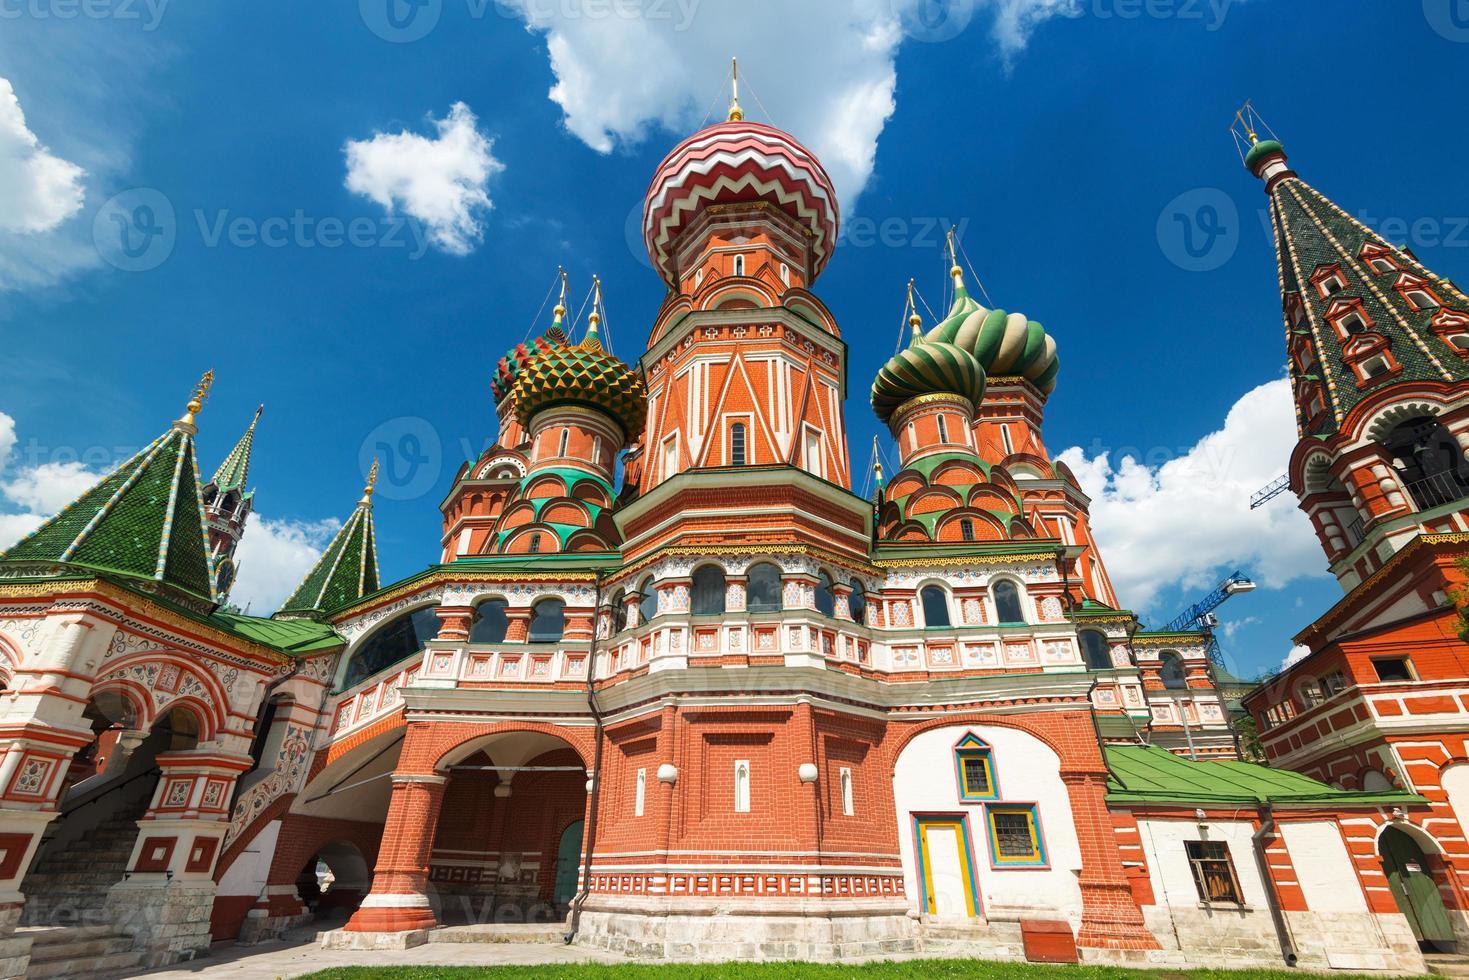 Cattedrale di San Basilio sulla piazza rossa di Mosca, russia foto